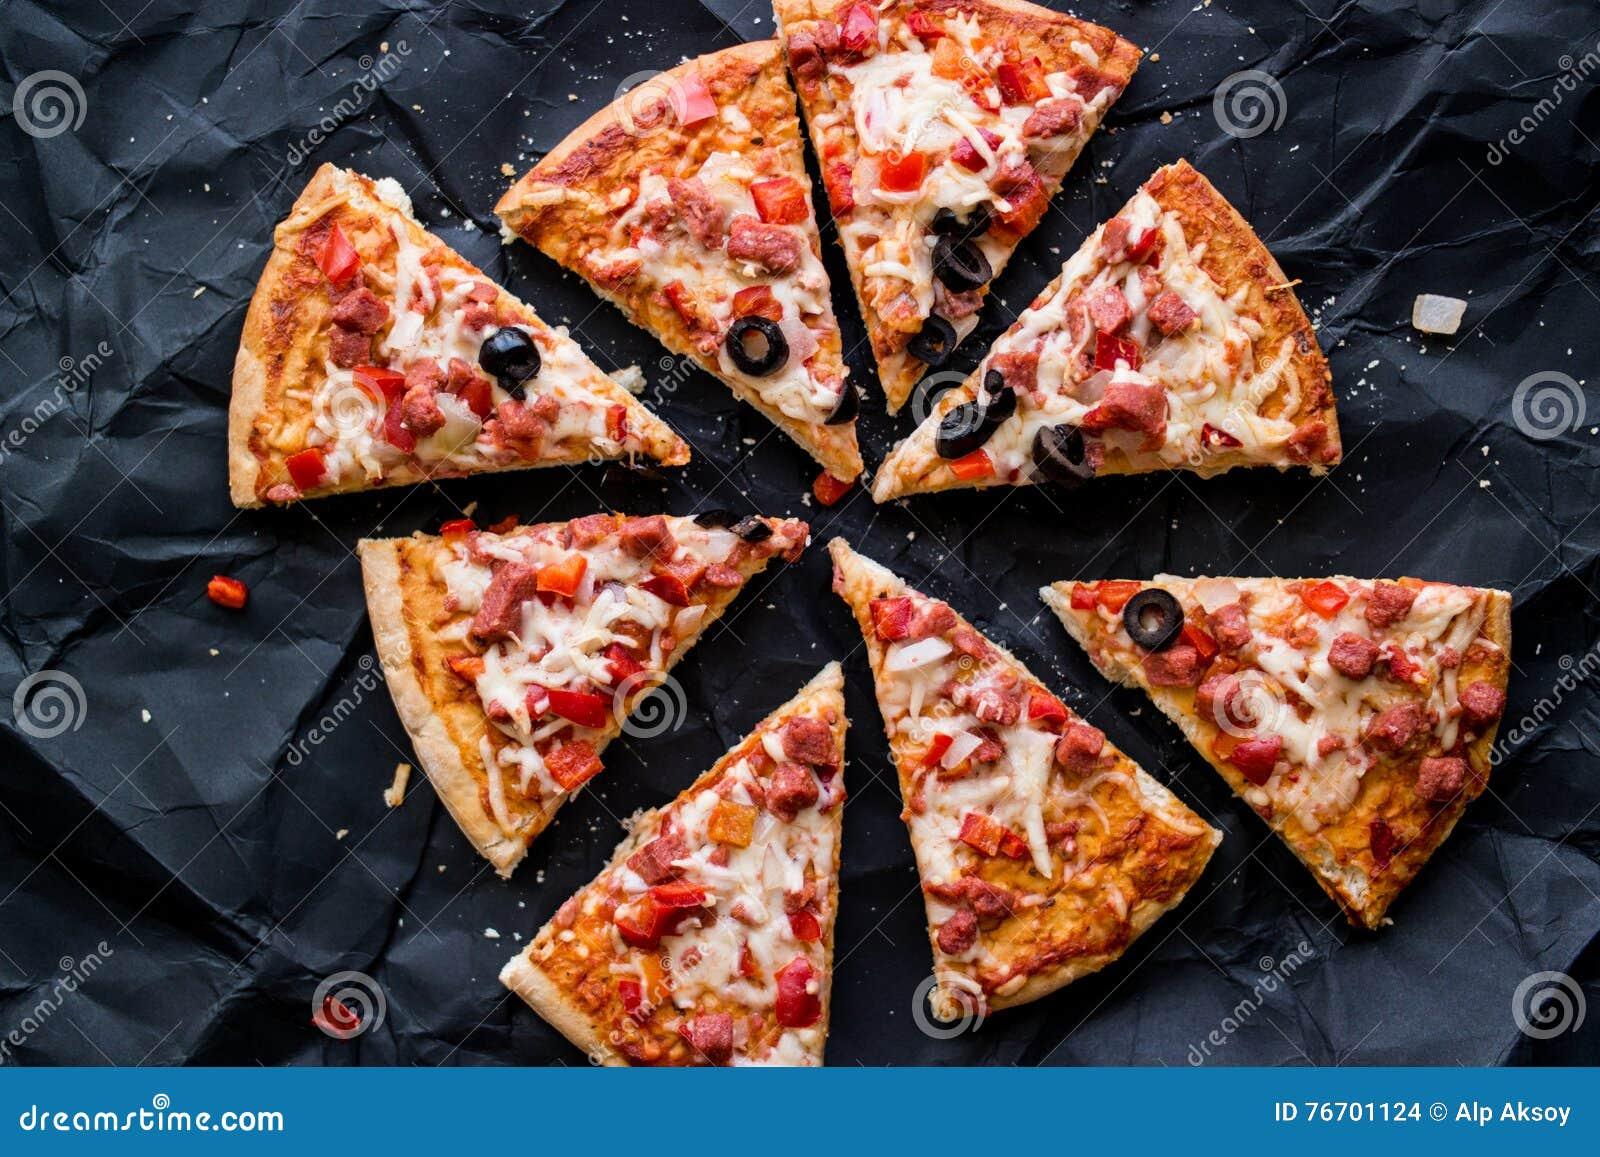 Pizzaskivor med skinka, ost och oliv på en svart yttersida